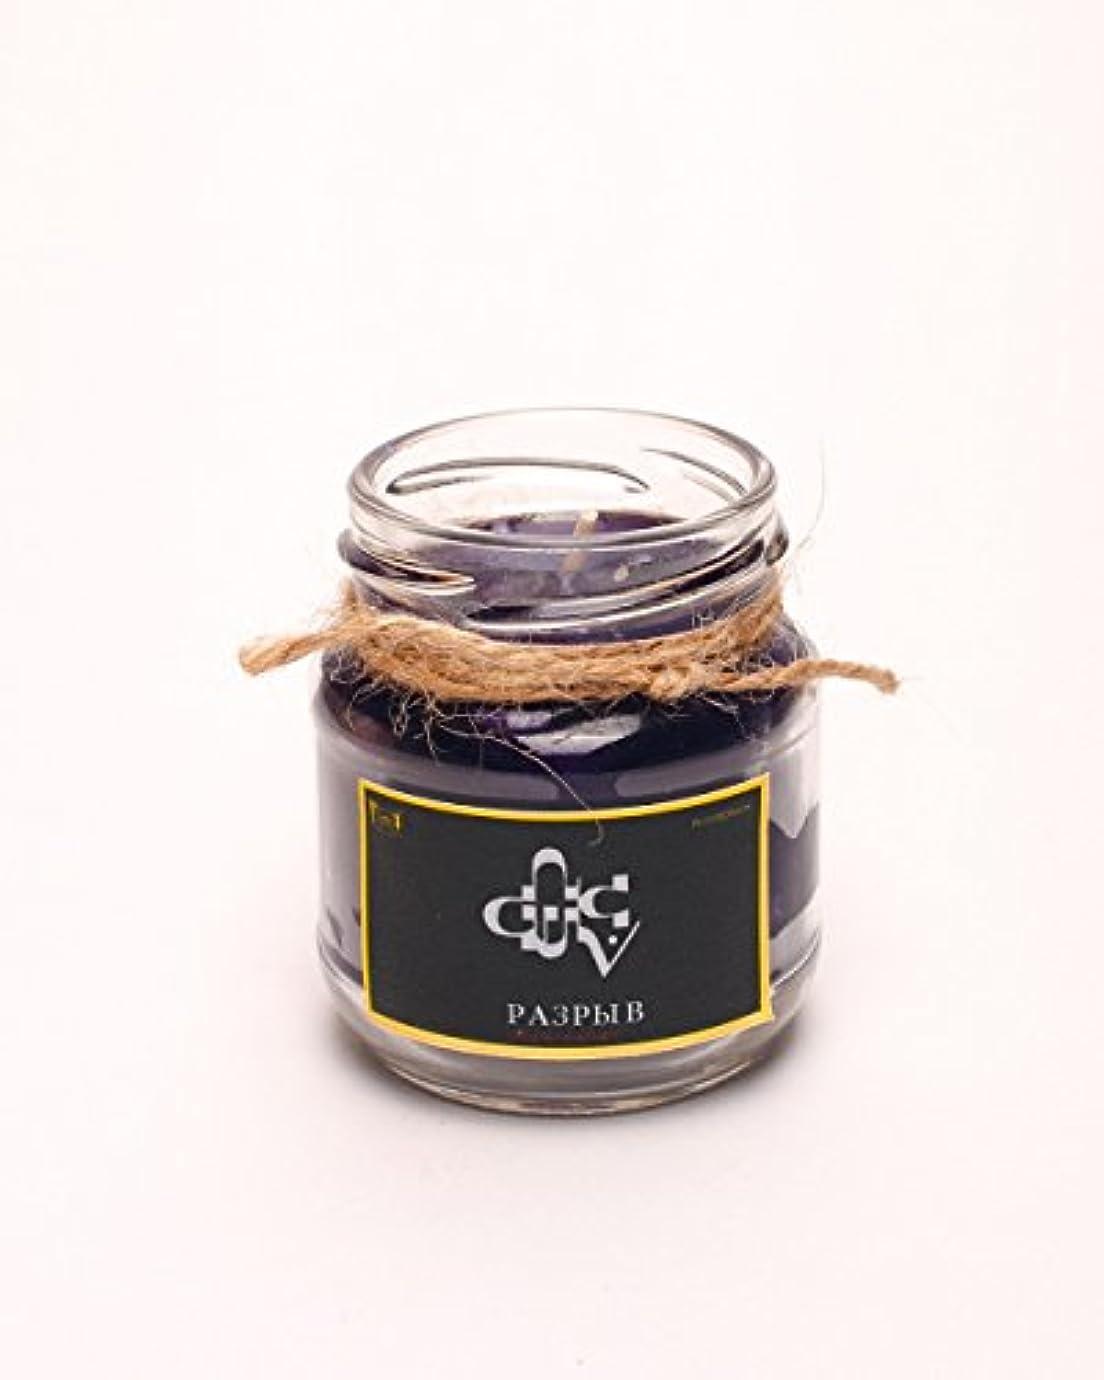 リム高架一般的にBreak candle-talisman Wicca Pagan